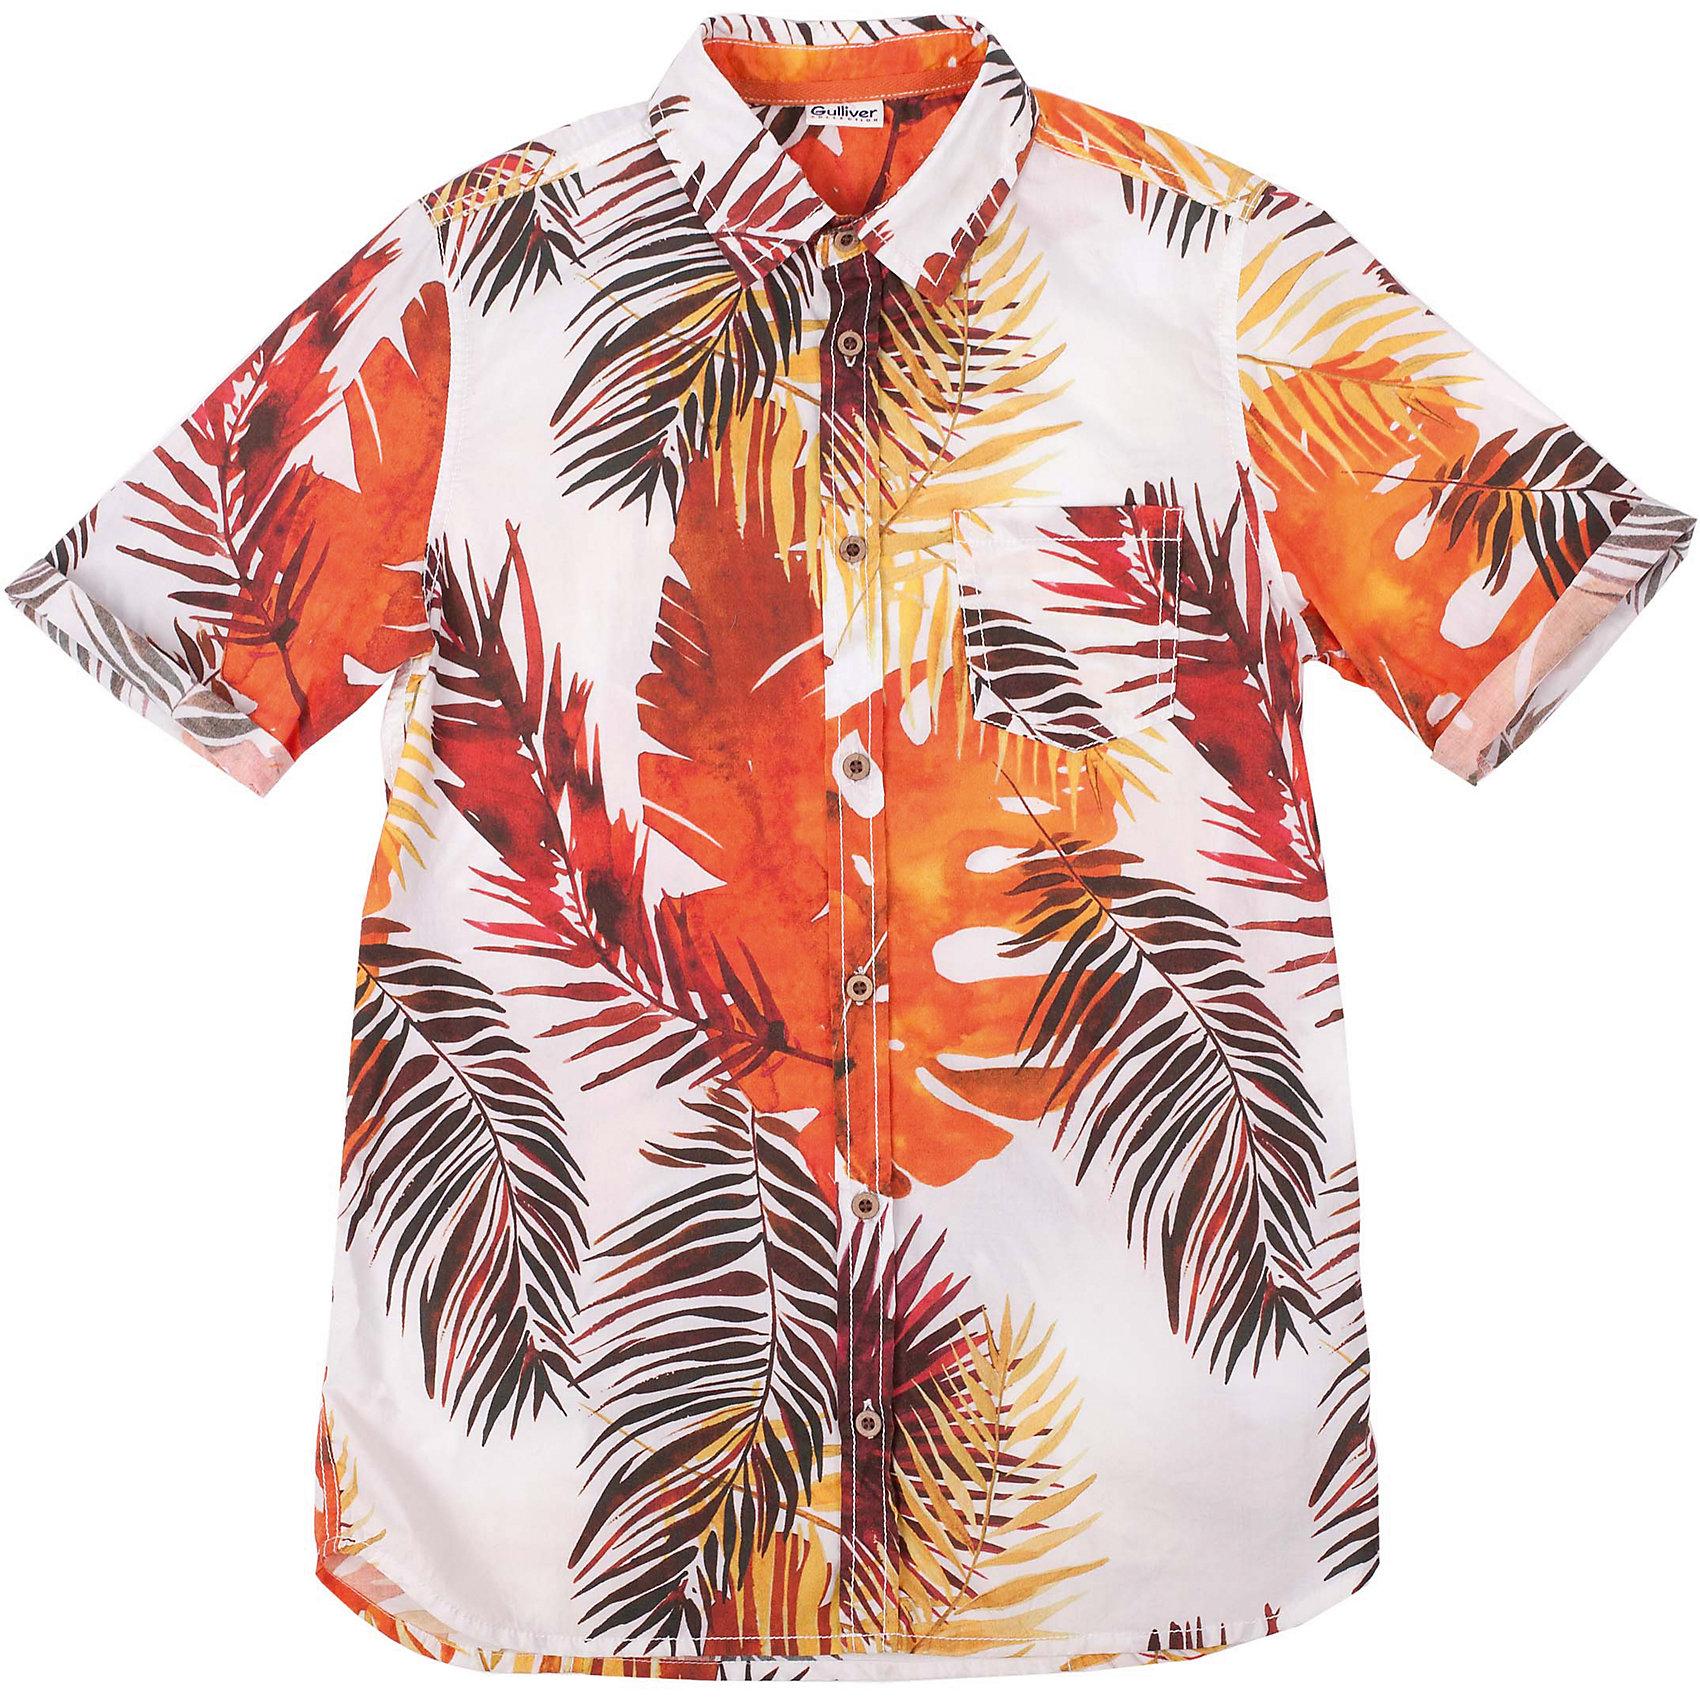 Рубашка для мальчика GulliverМодная рубашка из 100% хлопка с коротким рукавом - прекрасная модель для жаркого лета. Она создает отличное настроение и делает каждый день ребенка комфортным. Цветная рубашка для мальчика из коллекции Камбоджа - лучший пример рубашки в гавайском стиле: сочная цветовая гамма, оригинальный динамичный рисунок ткани, приталенный силуэт делают рубашку стильной, эффектной, оригинальной! Рубашка имеет эффект изделия, слегка выгоревшего на солнце, что, наверняка, понравится модному современному подростку. Если вы решили купить летнюю рубашку для мальчика, эта яркая, позитивная, удобная модель - отличный выбор!<br>Состав:<br>100% хлопок<br><br>Ширина мм: 174<br>Глубина мм: 10<br>Высота мм: 169<br>Вес г: 157<br>Цвет: разноцветный<br>Возраст от месяцев: 132<br>Возраст до месяцев: 144<br>Пол: Мужской<br>Возраст: Детский<br>Размер: 152,146,164,158<br>SKU: 4535088